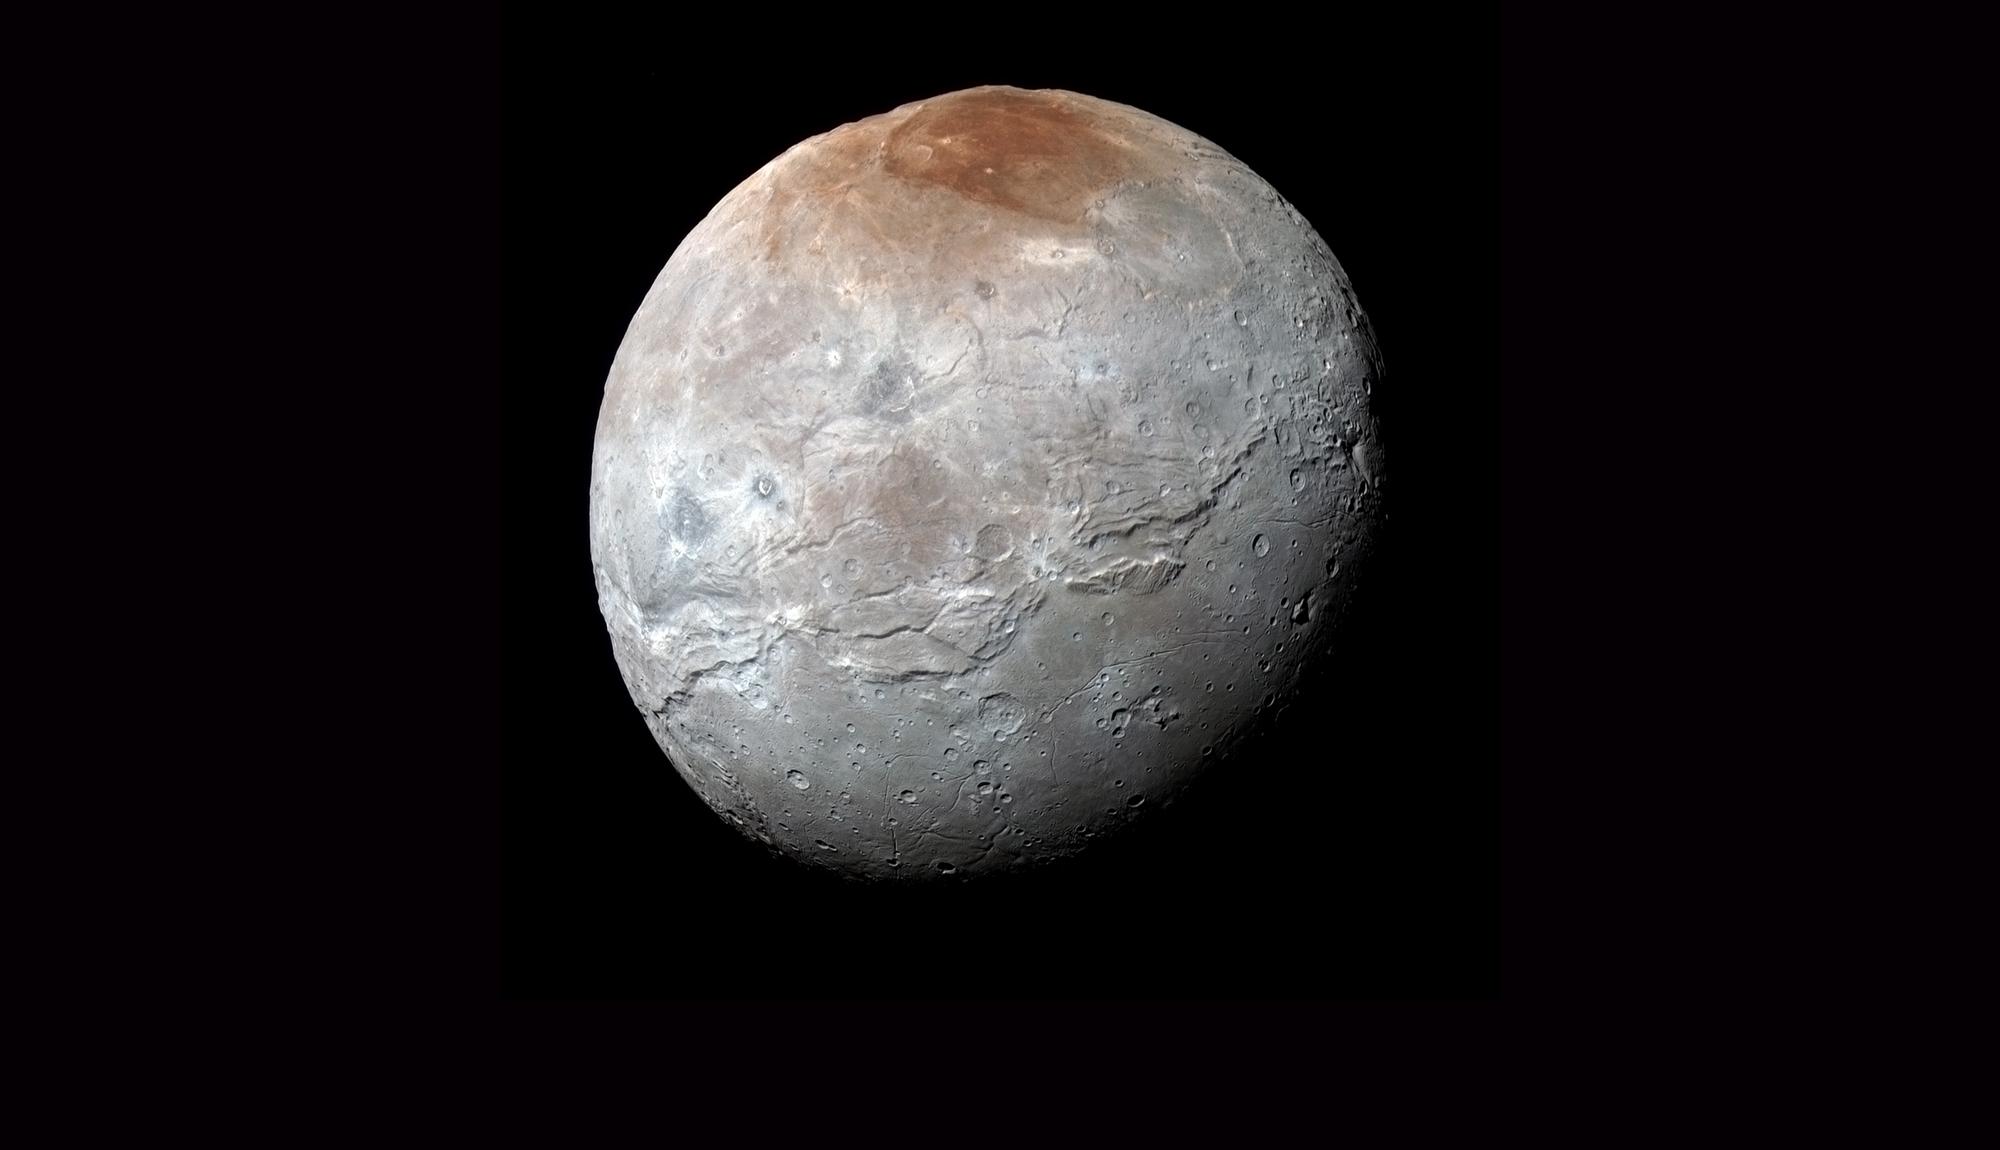 Plutos måne Charon sett av New Horizons i juli 2015. Det røde nordpolområdet kalles Mordor Macula, slettene i sør Vulcan Planum. Kløften langs ekvator er solsystemets nest lengste. Foto: NASA/Johns Hopkins University Applied Physics Laboratory/Southwest Research Institute